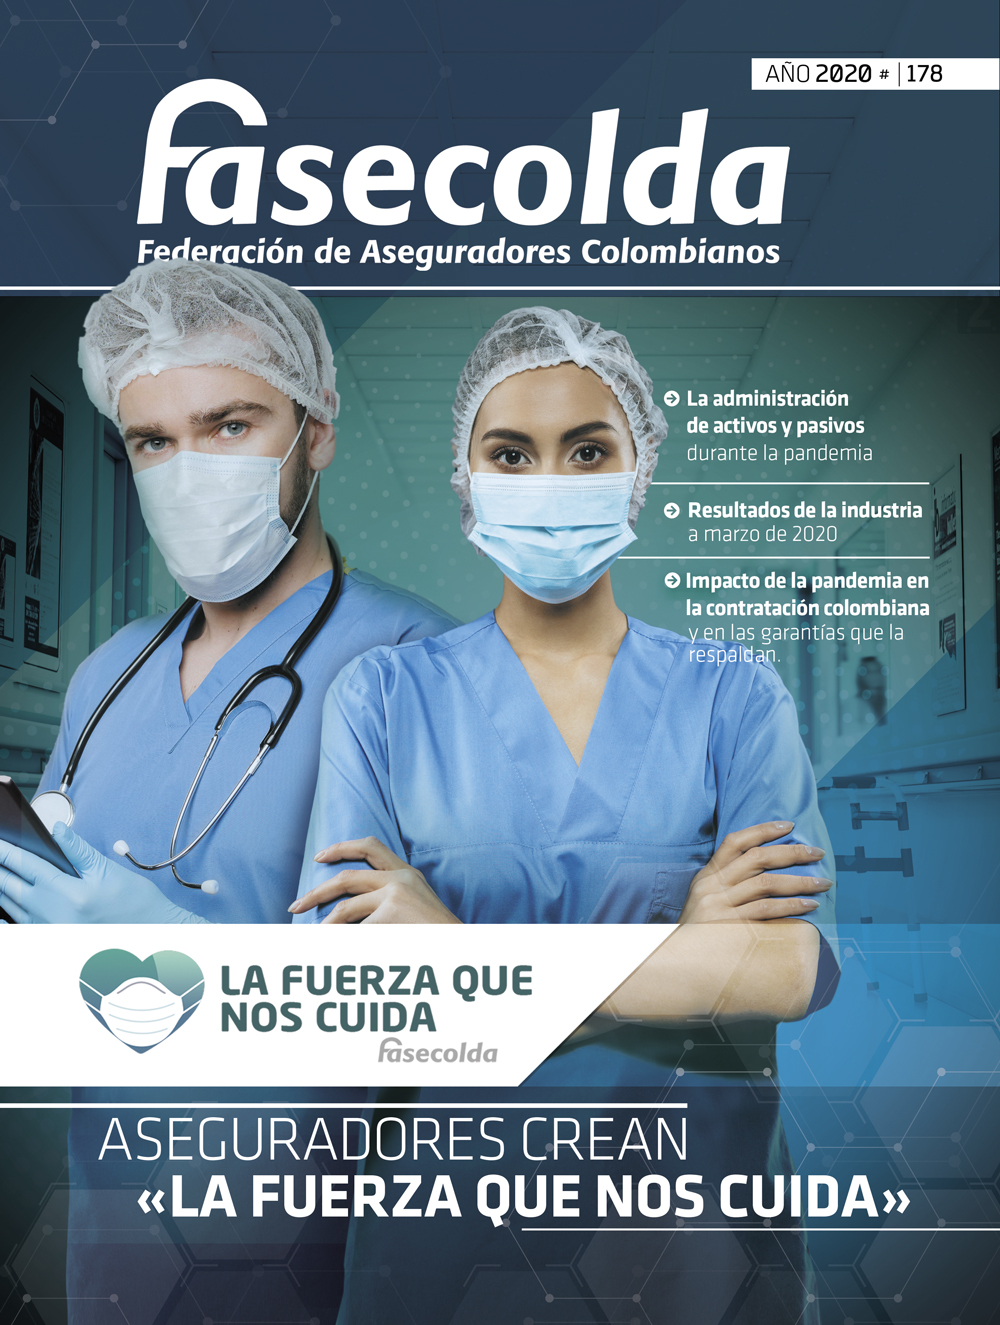 Fasecolda Federación de Aseguradores Colombianos Número 178 año 2020. Aseguradores crean la fureza que nos cuida